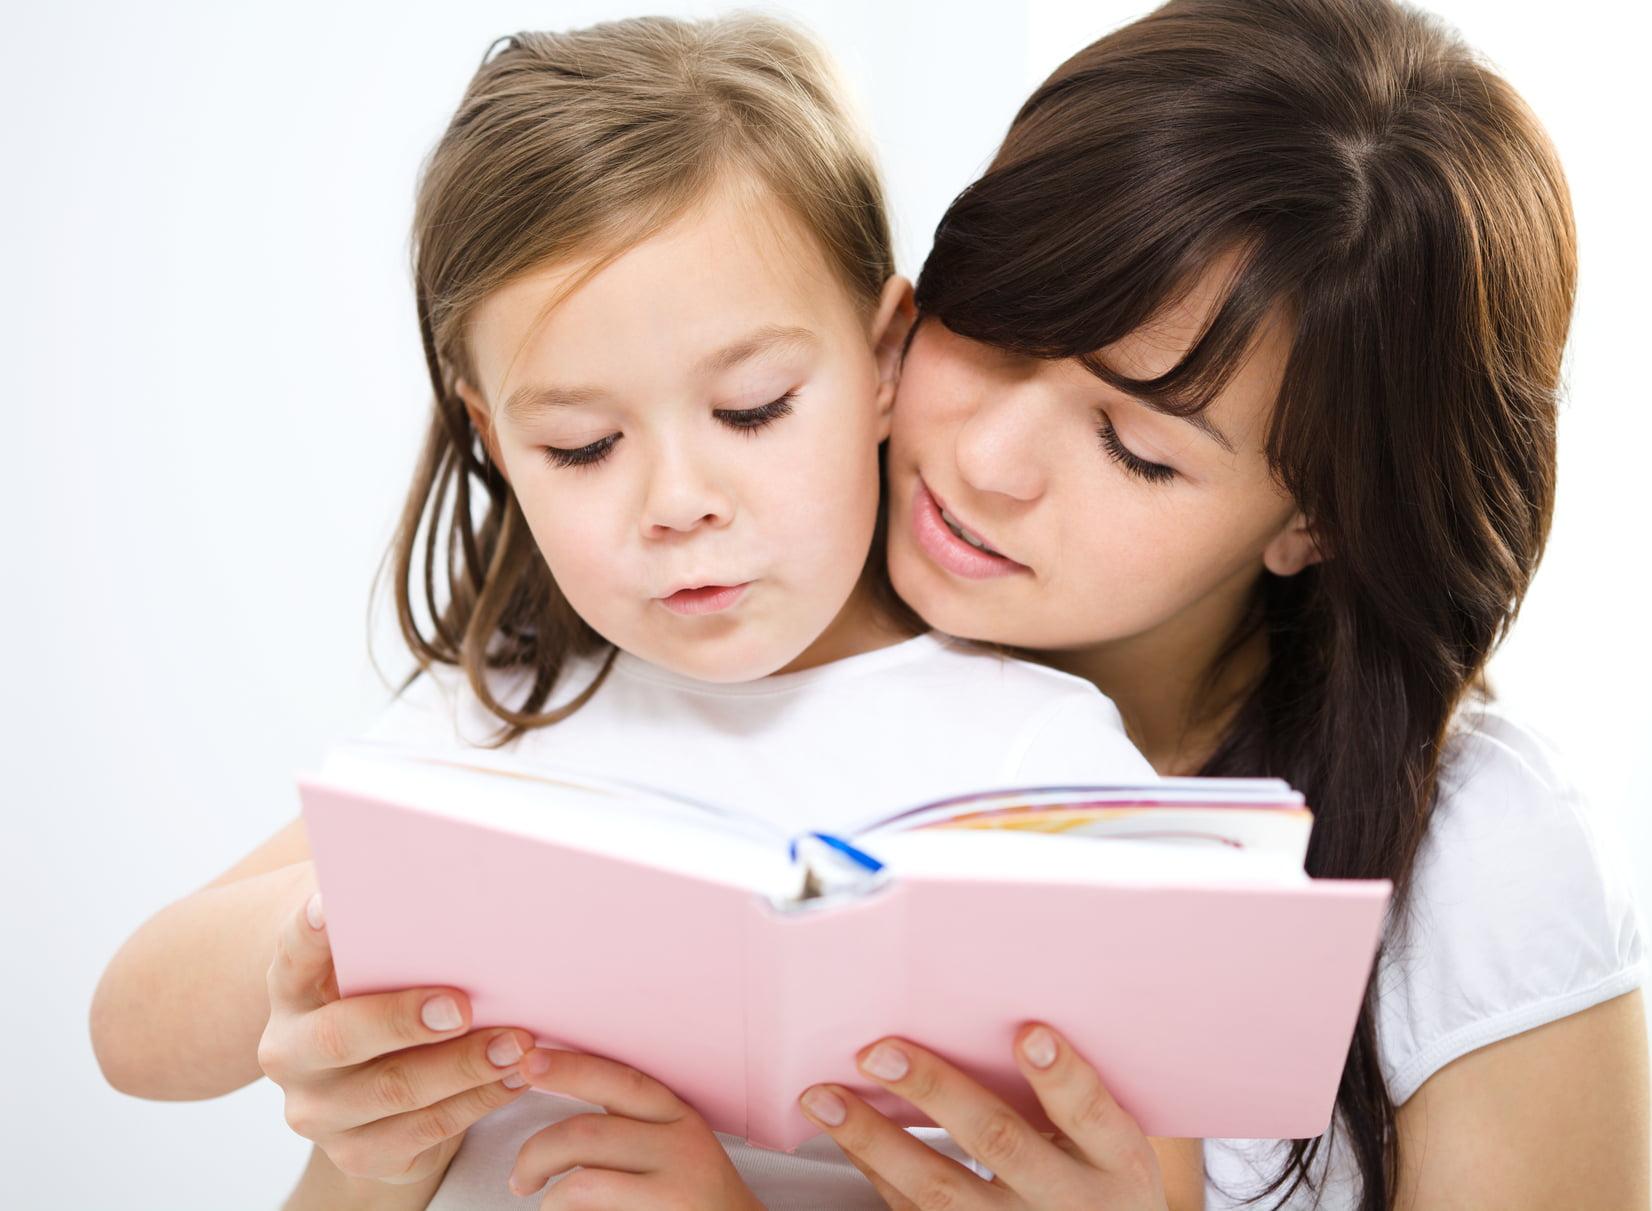 أفضل قصص أطفال قبل النوم تعليمية بطرق مسلية